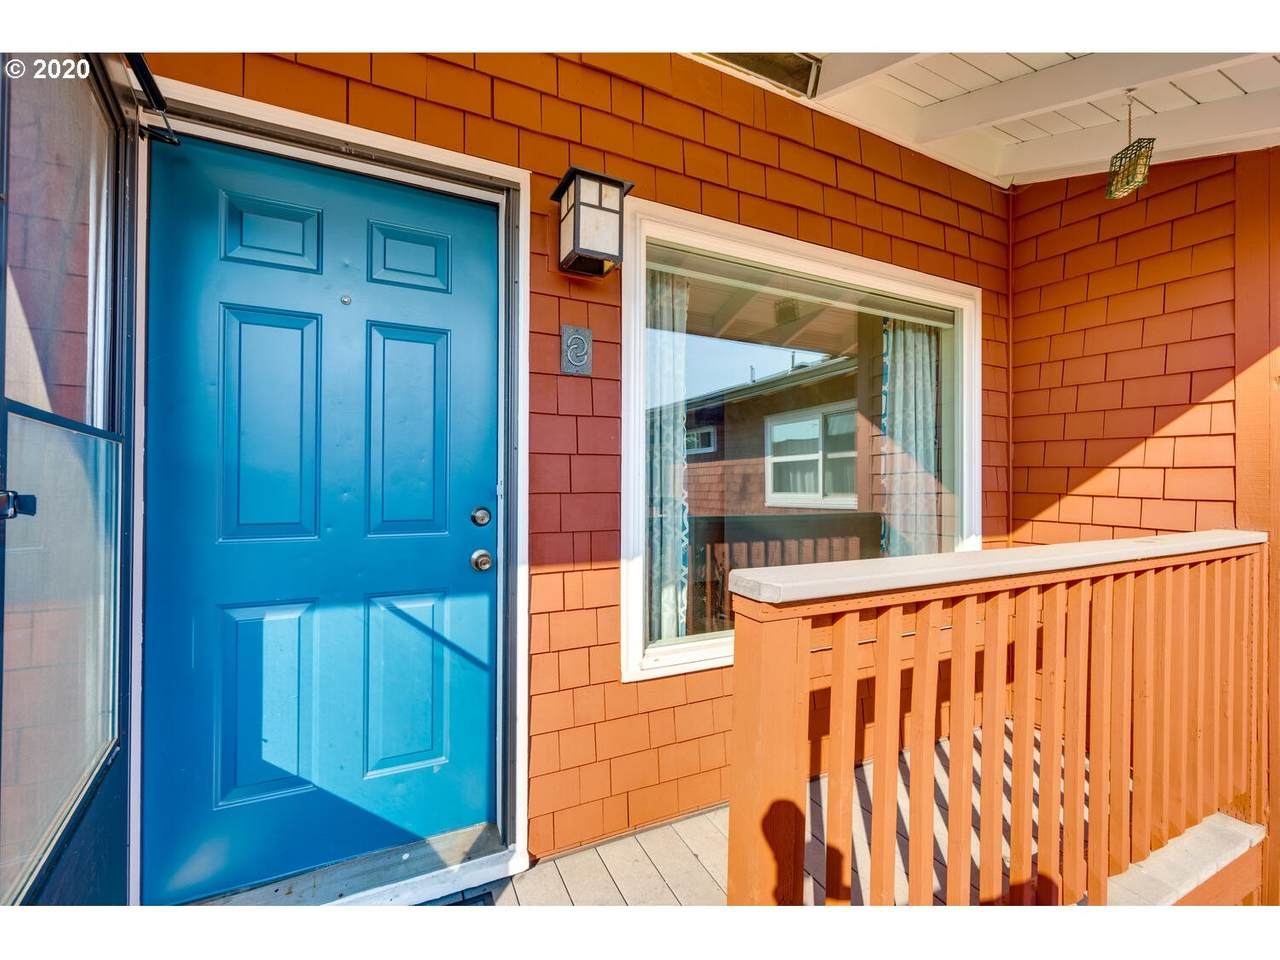 3013 Waverleigh Blvd - Photo 1